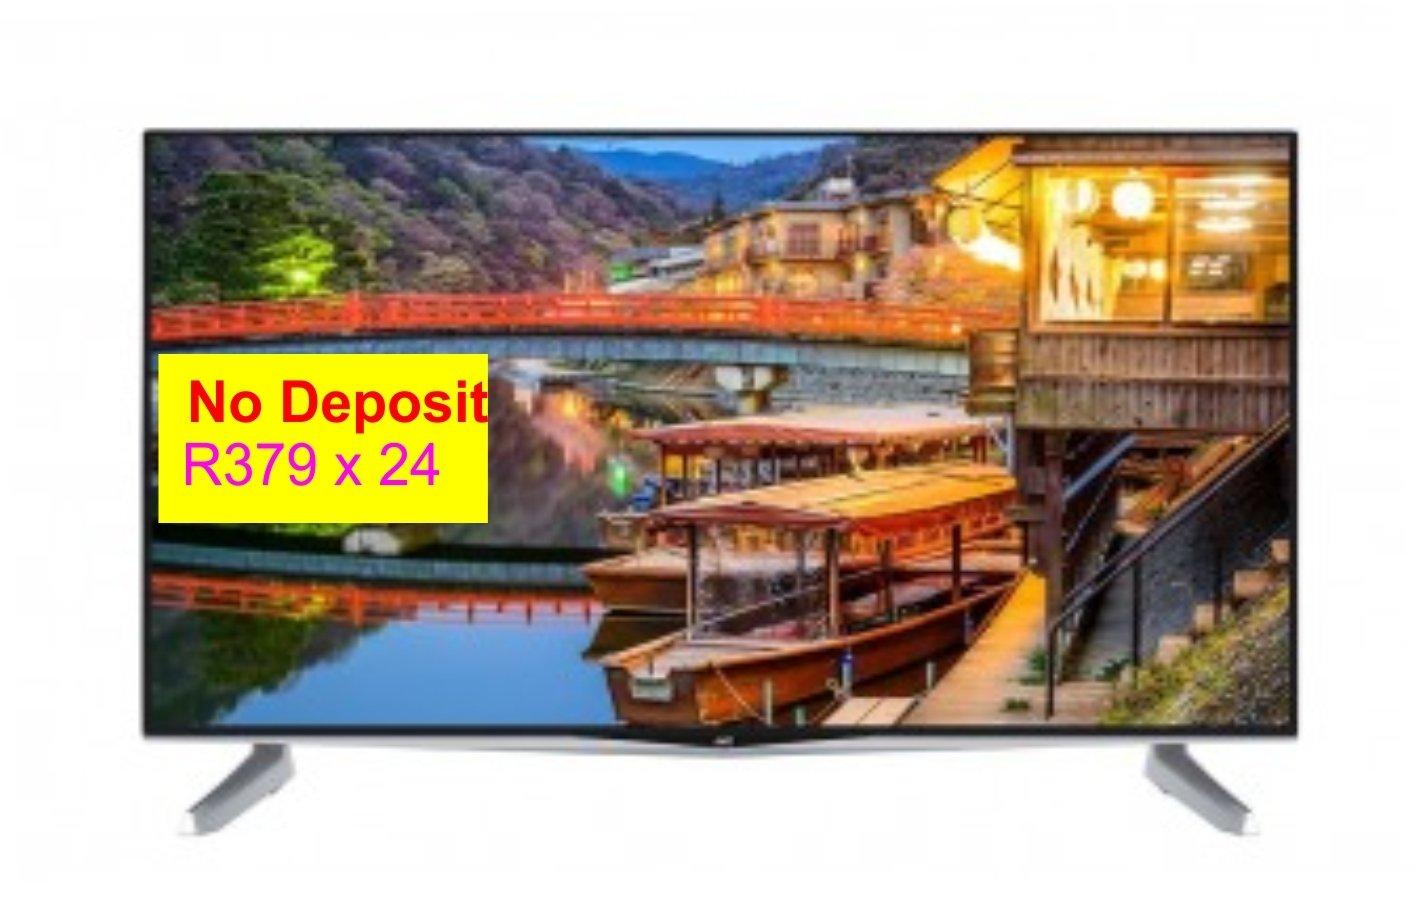 """R5999 vat incl Telefunken TLEDD-50FH 50"""" Full HD LED TV"""